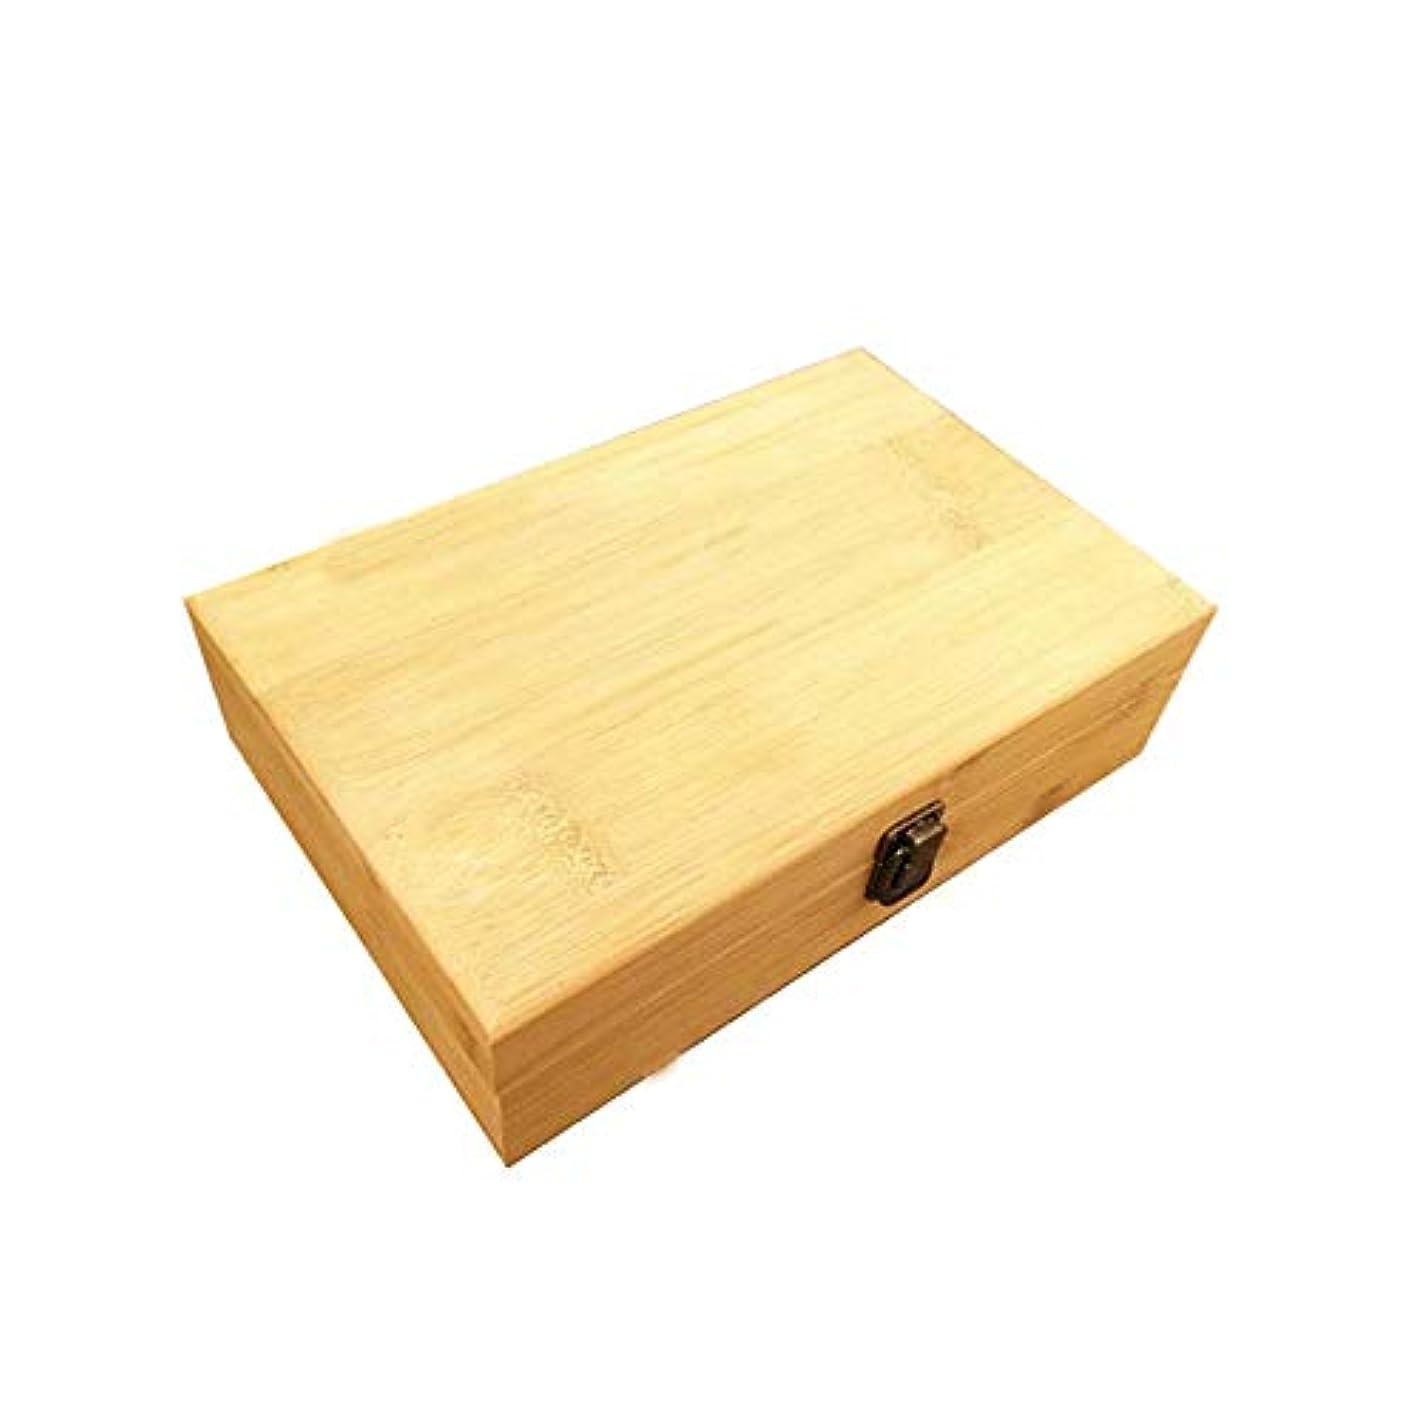 同封するカイウスヒステリックエッセンシャルオイルストレージボックス 40スロットエッセンシャルオイルボックス木製収納ケースは、40本のボトルエッセンシャルオイルスペースセーバーの開催します 旅行およびプレゼンテーション用 (色 : Natural,...